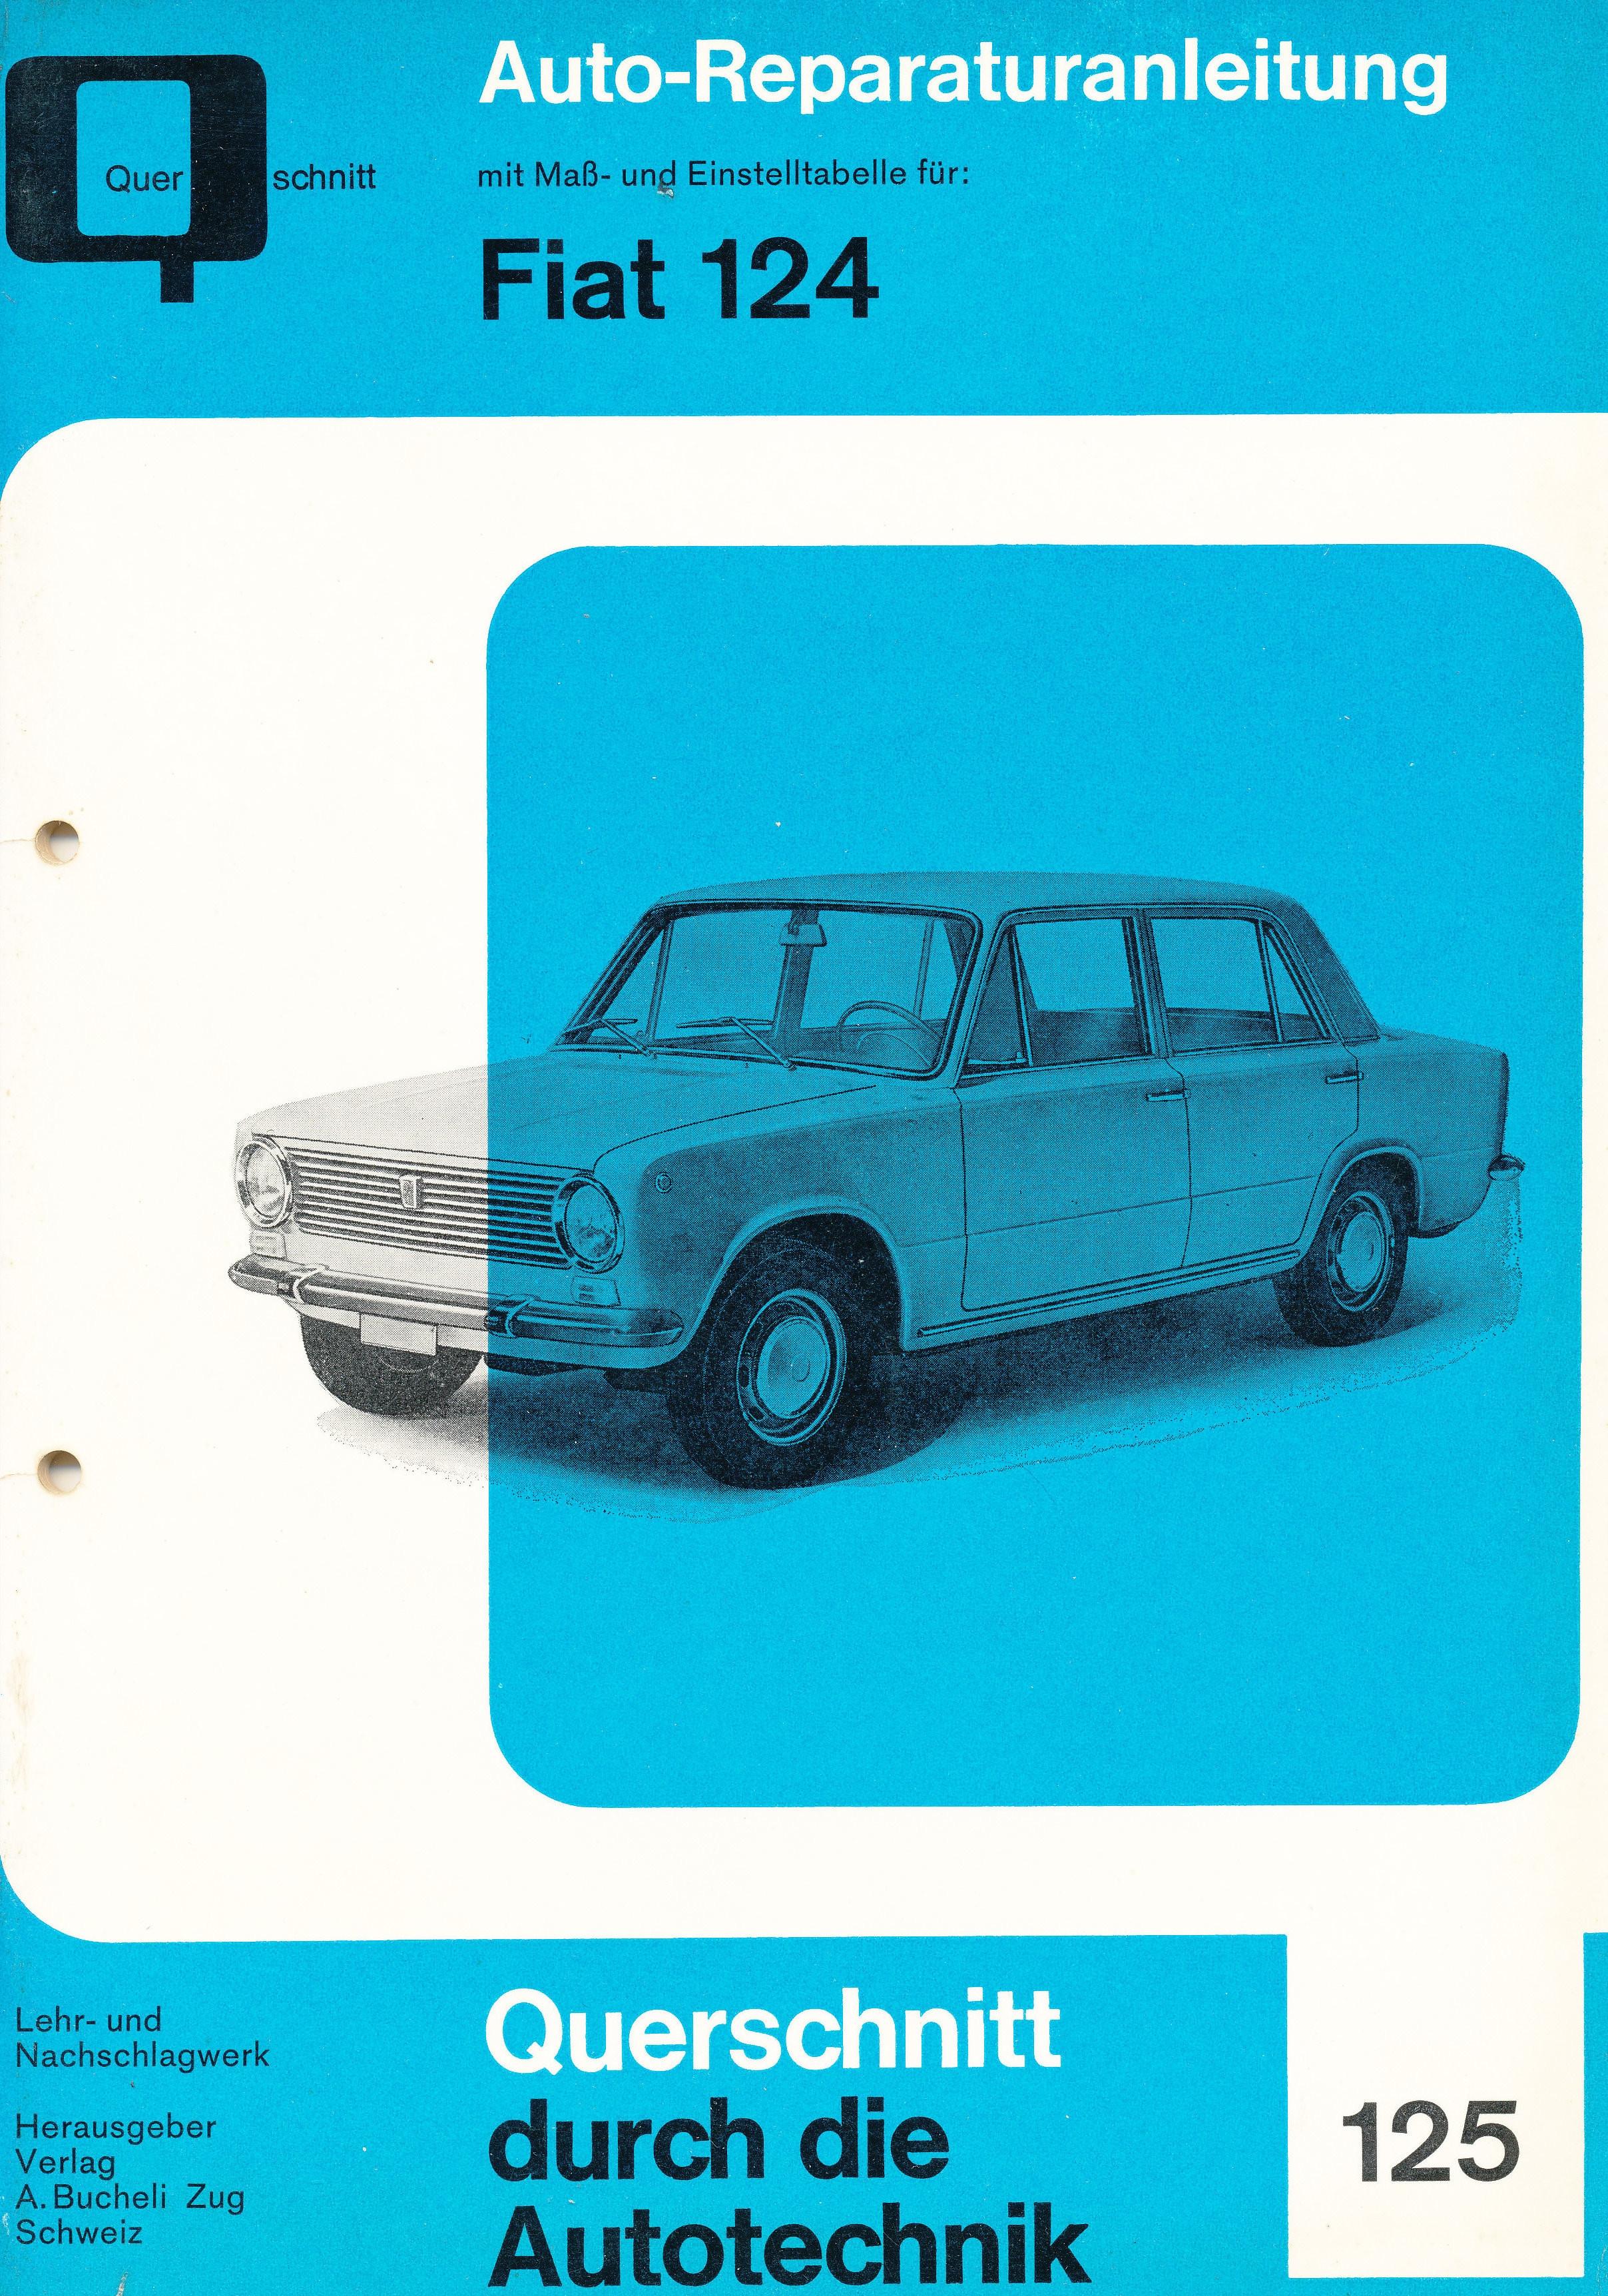 Fiat Reparaturanleitung